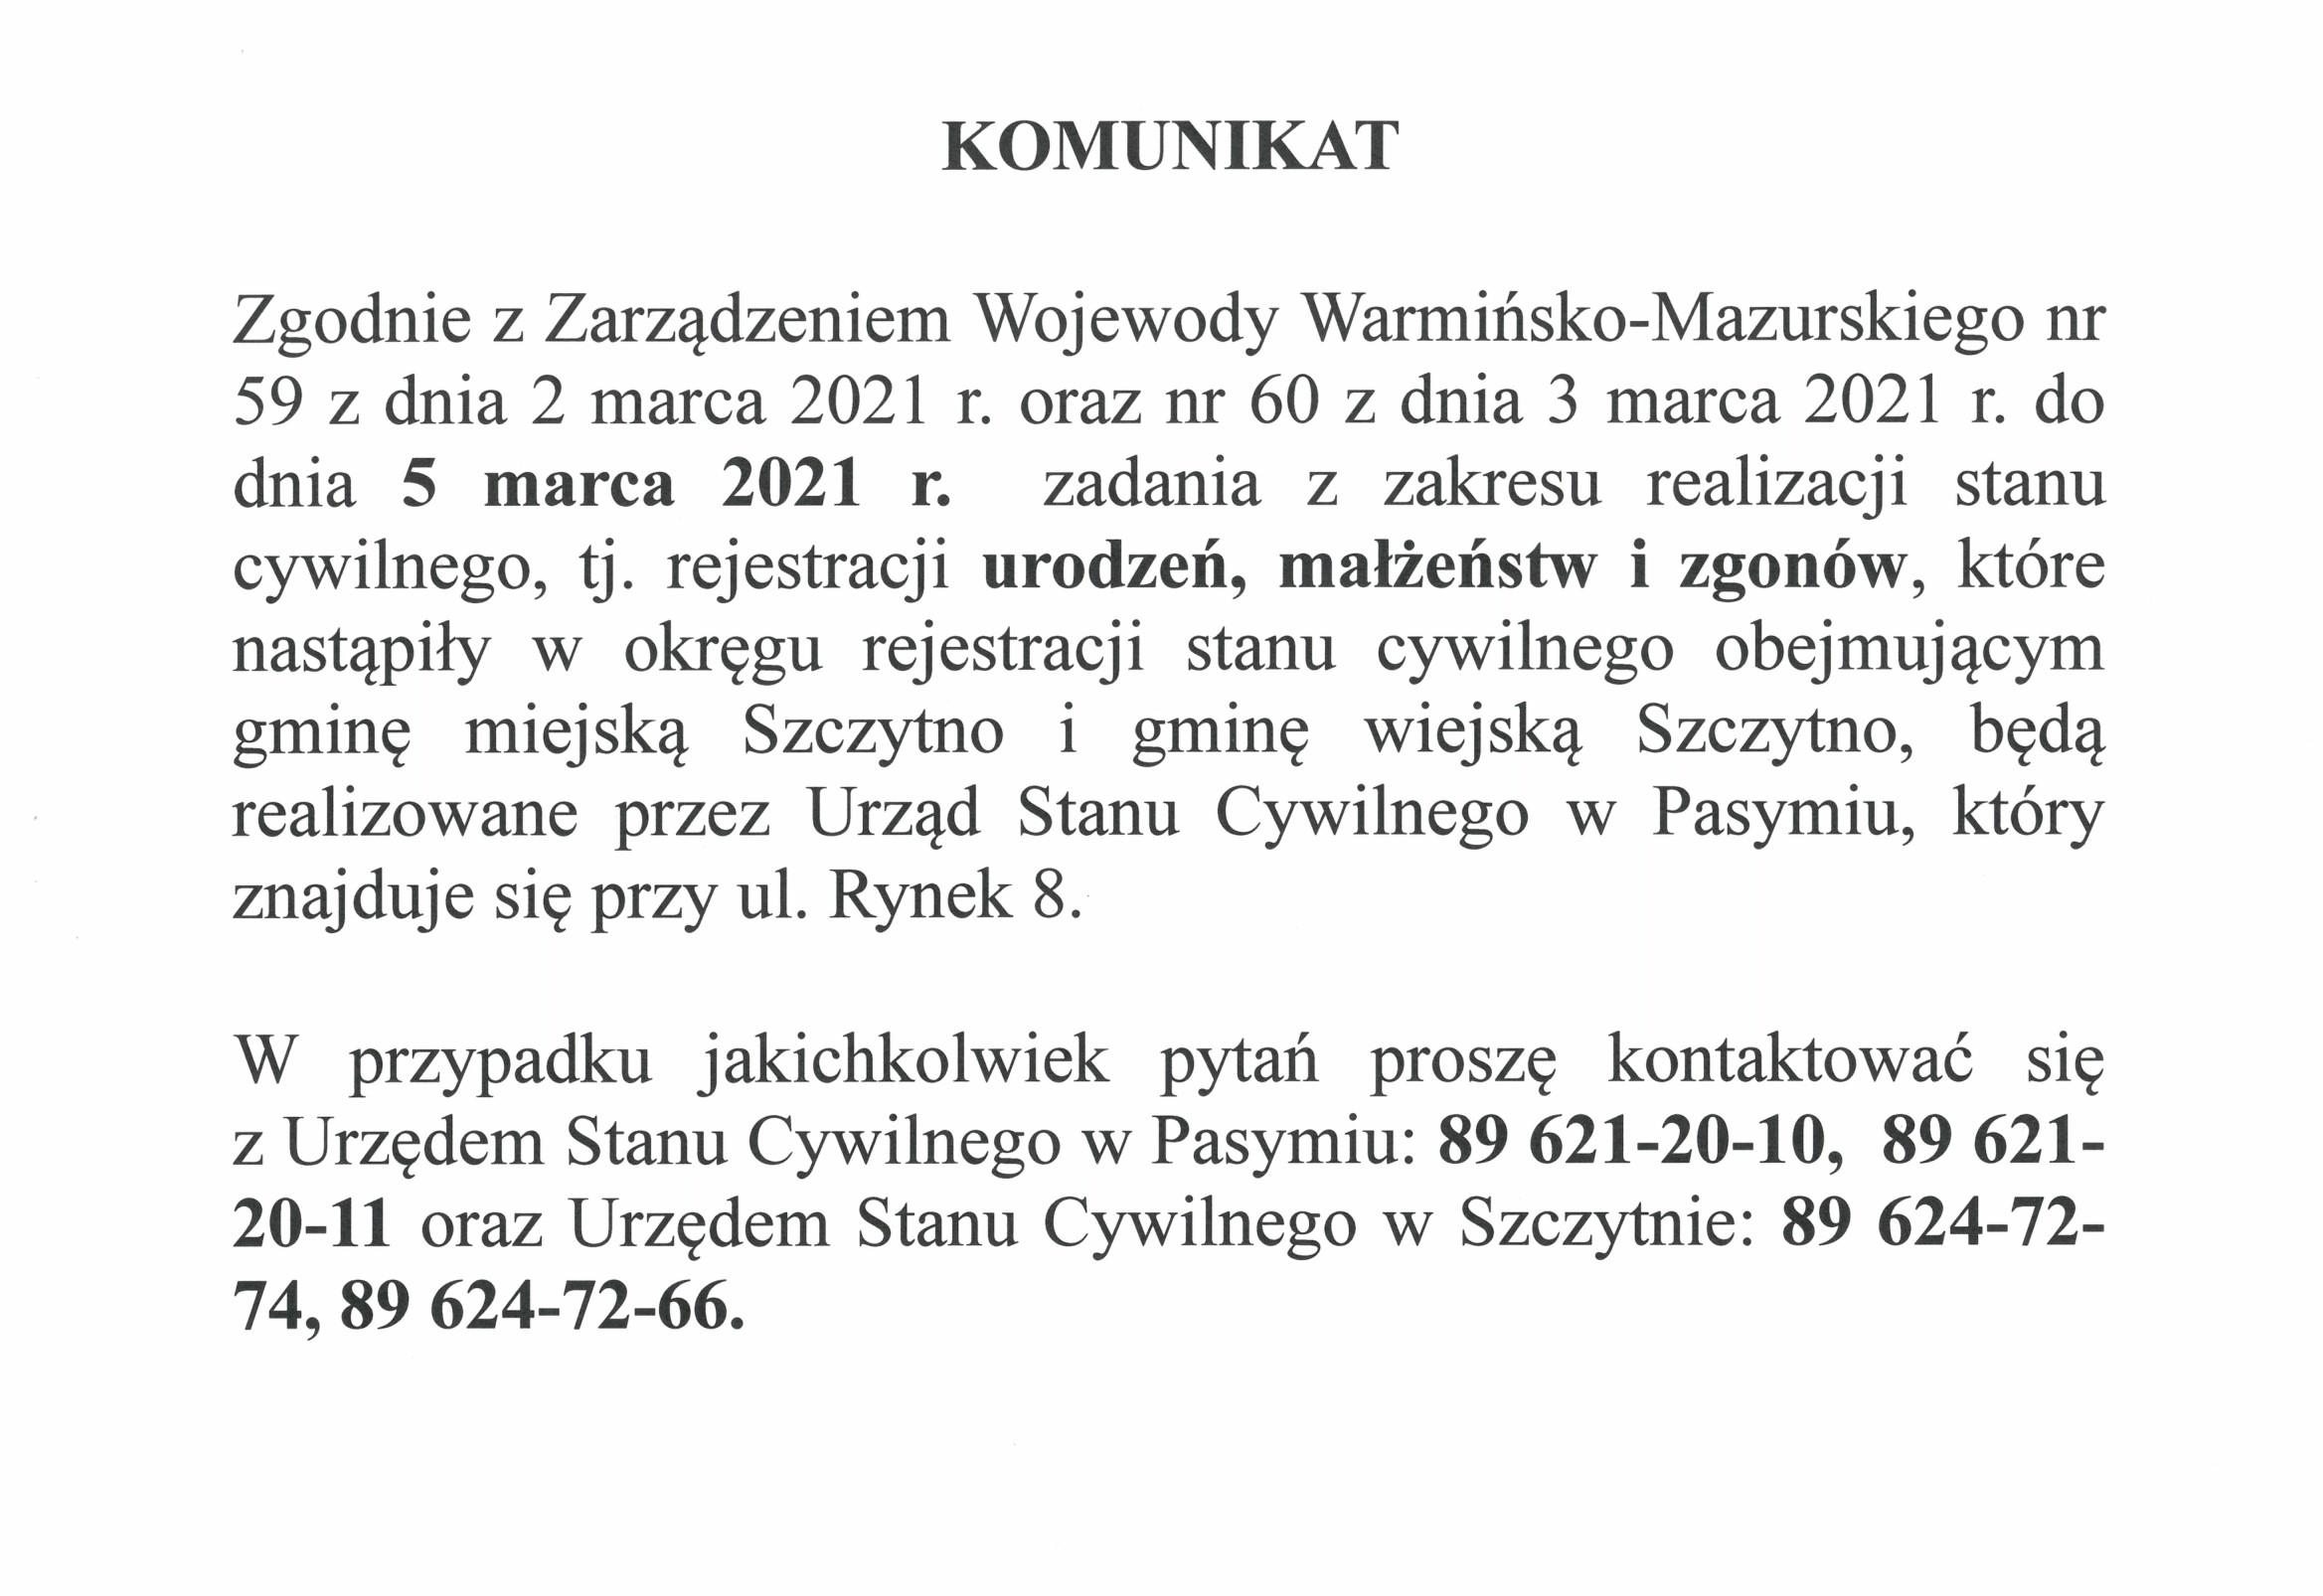 https://m.powiatszczycienski.pl/2021/03/orig/qqqqqqqq-1111-38446.jpg